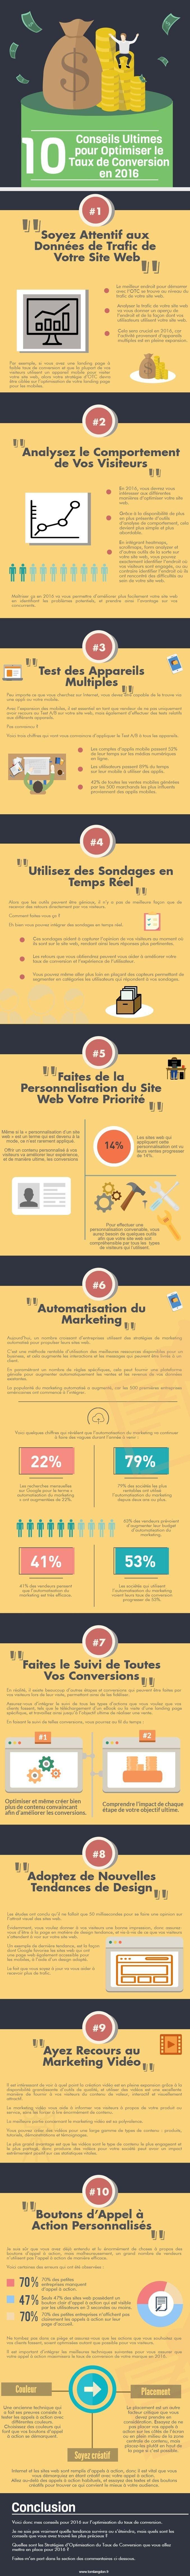 #infographie #webmarketing 10 conseils pour optimiser votre taux de conversion